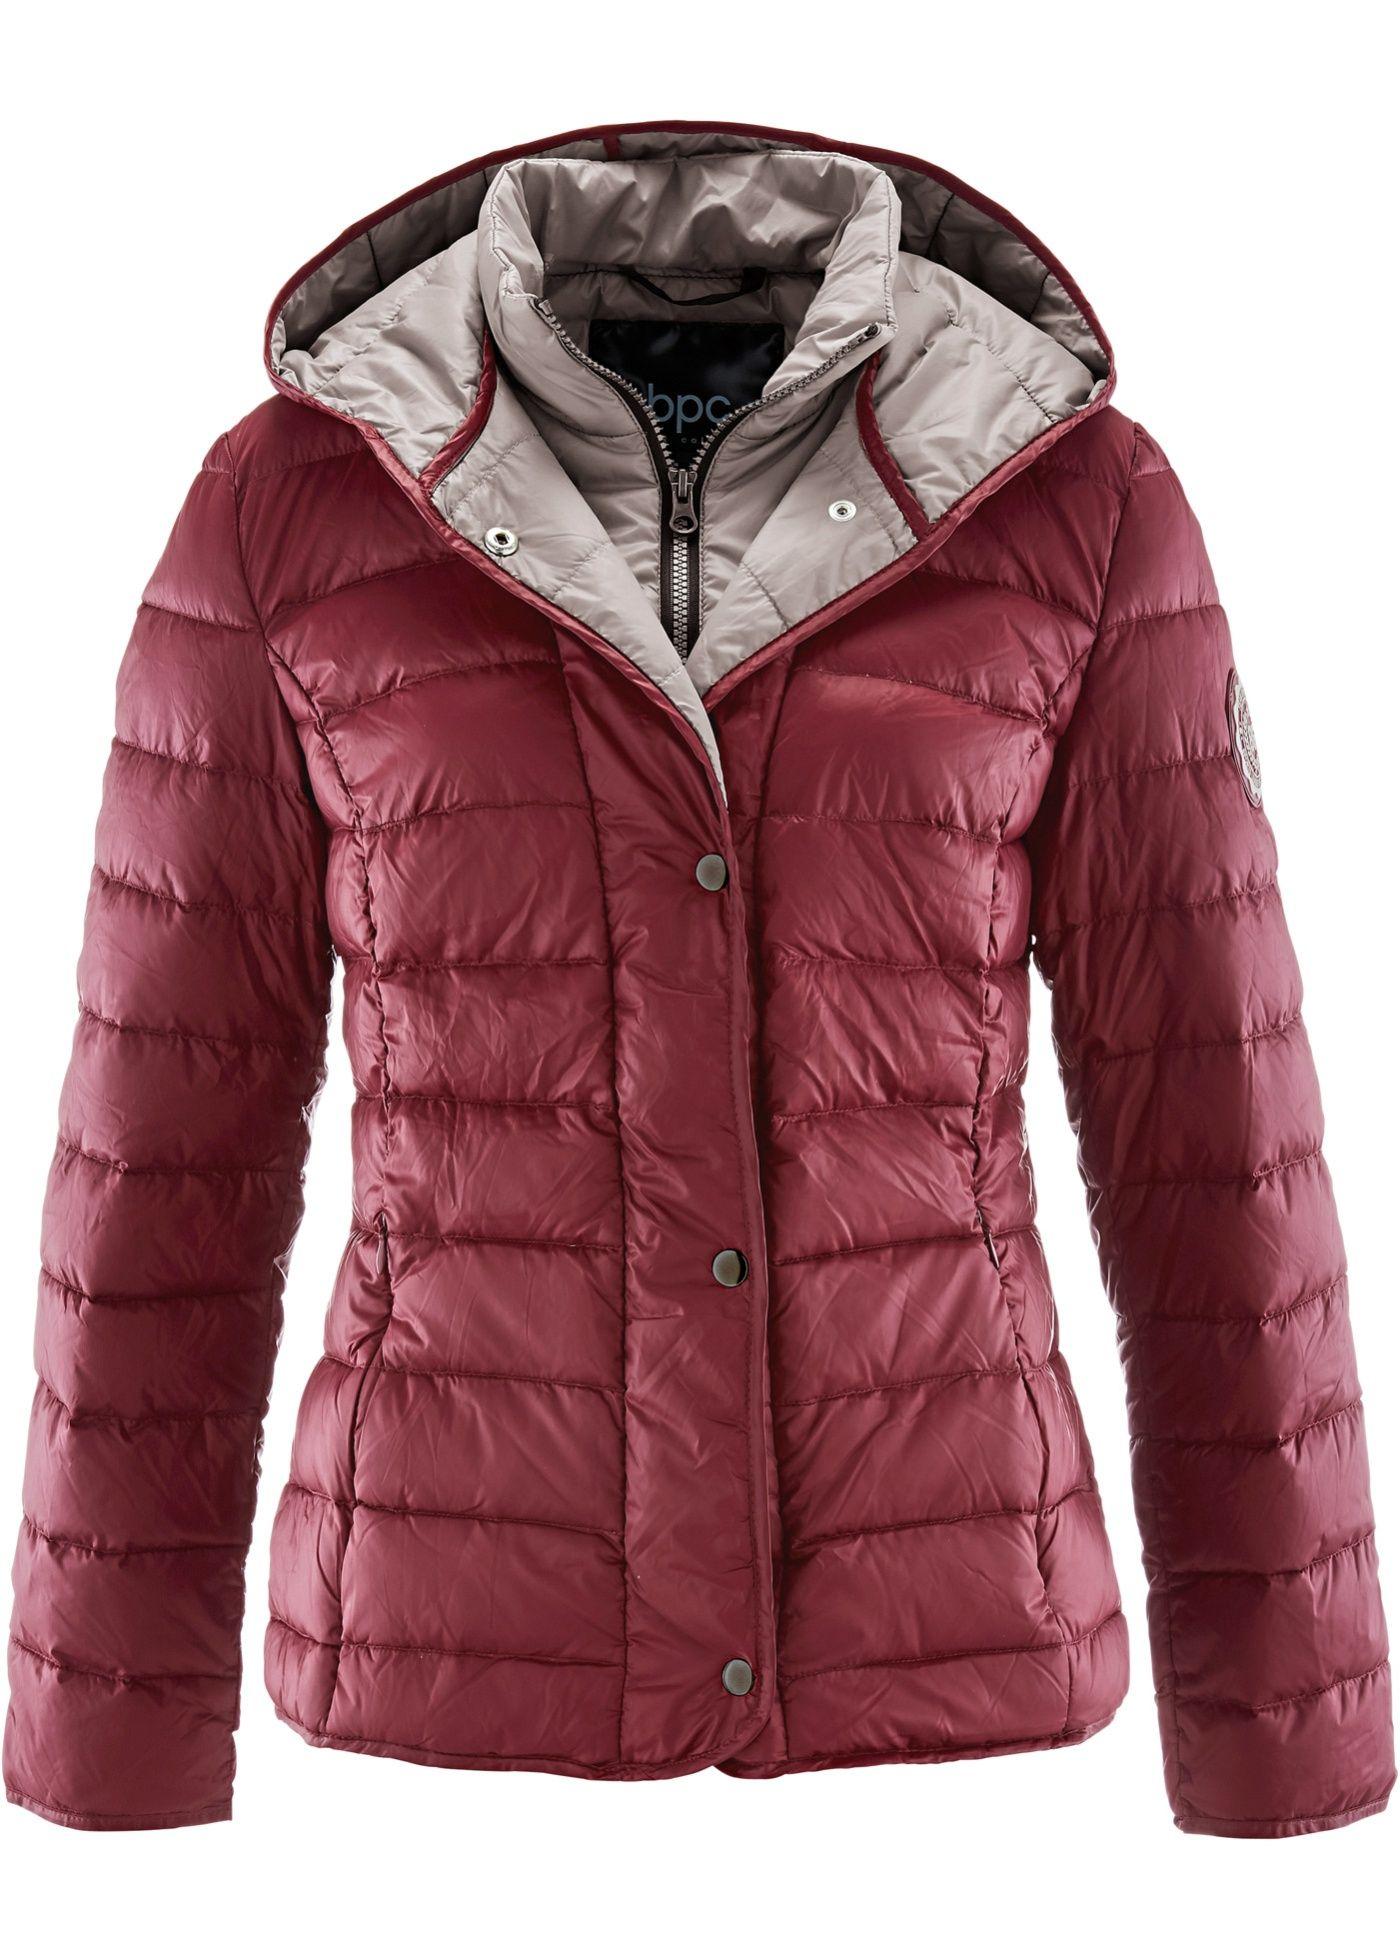 Schöne Jacke mit Kapuze in 2019 | Products | Jacken, Jacke